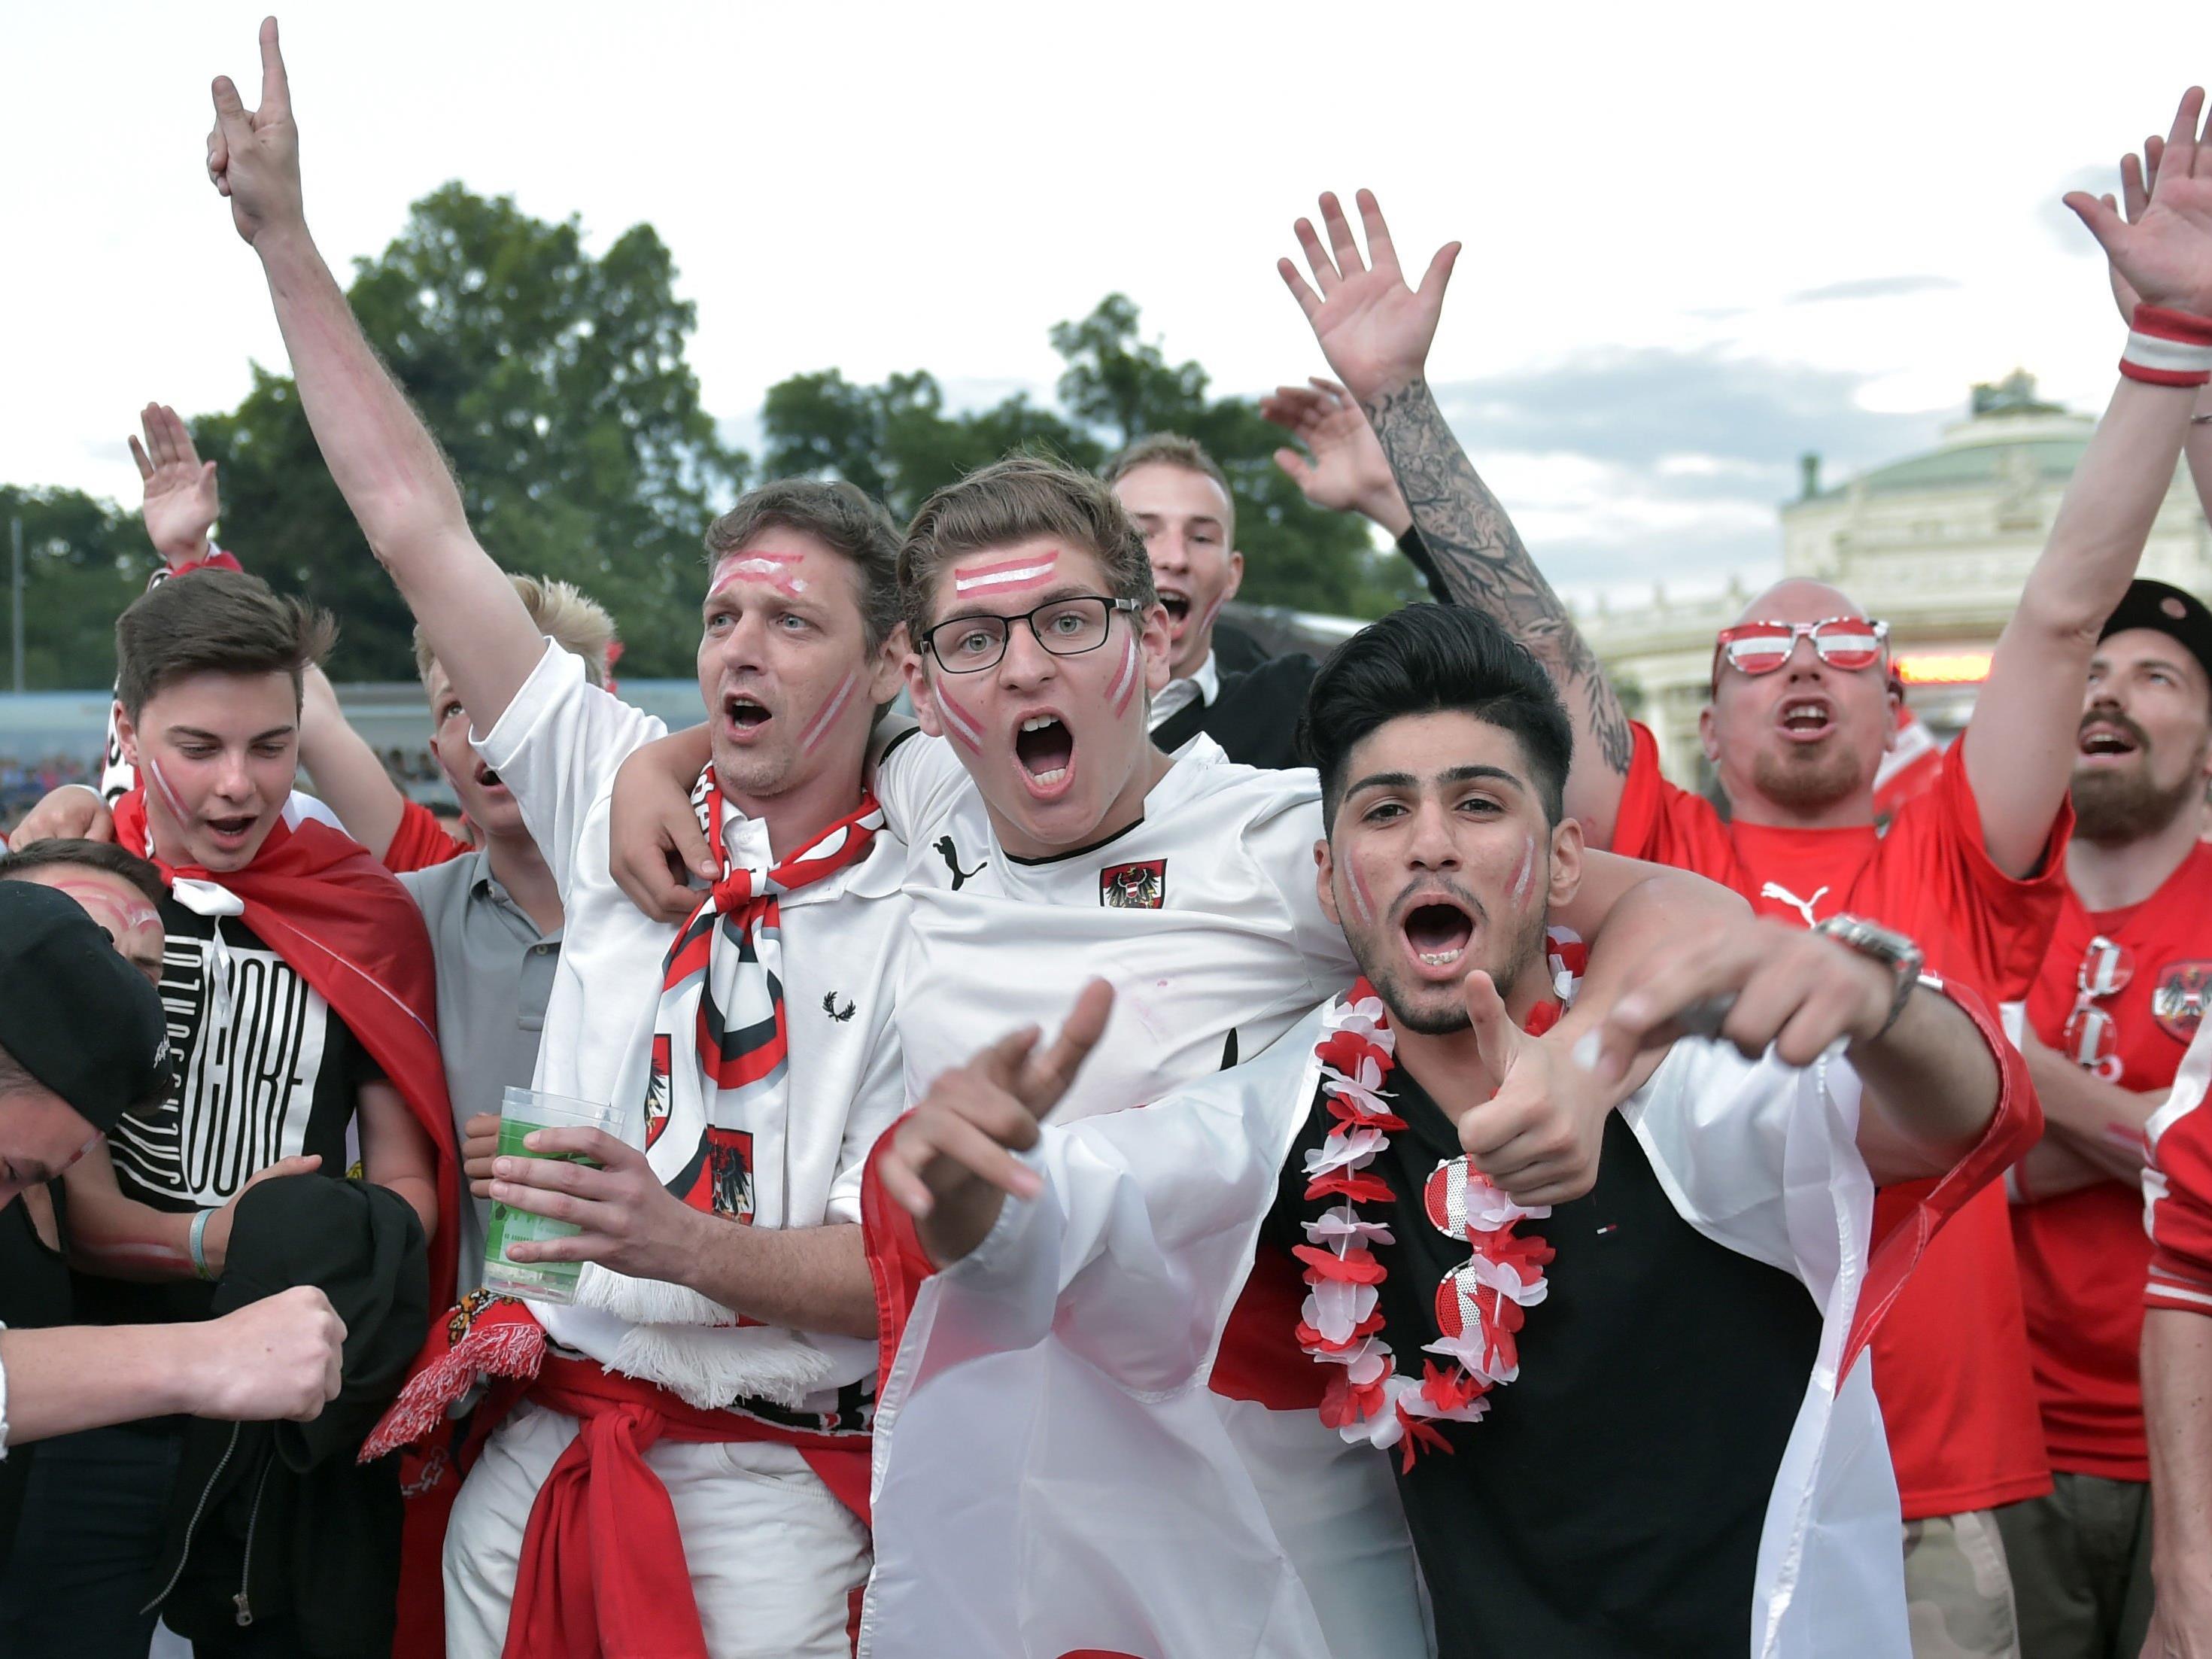 Die Fans der österreichischen Nationalmannschaft jubelten als hätte es einen Sieg gegeben.